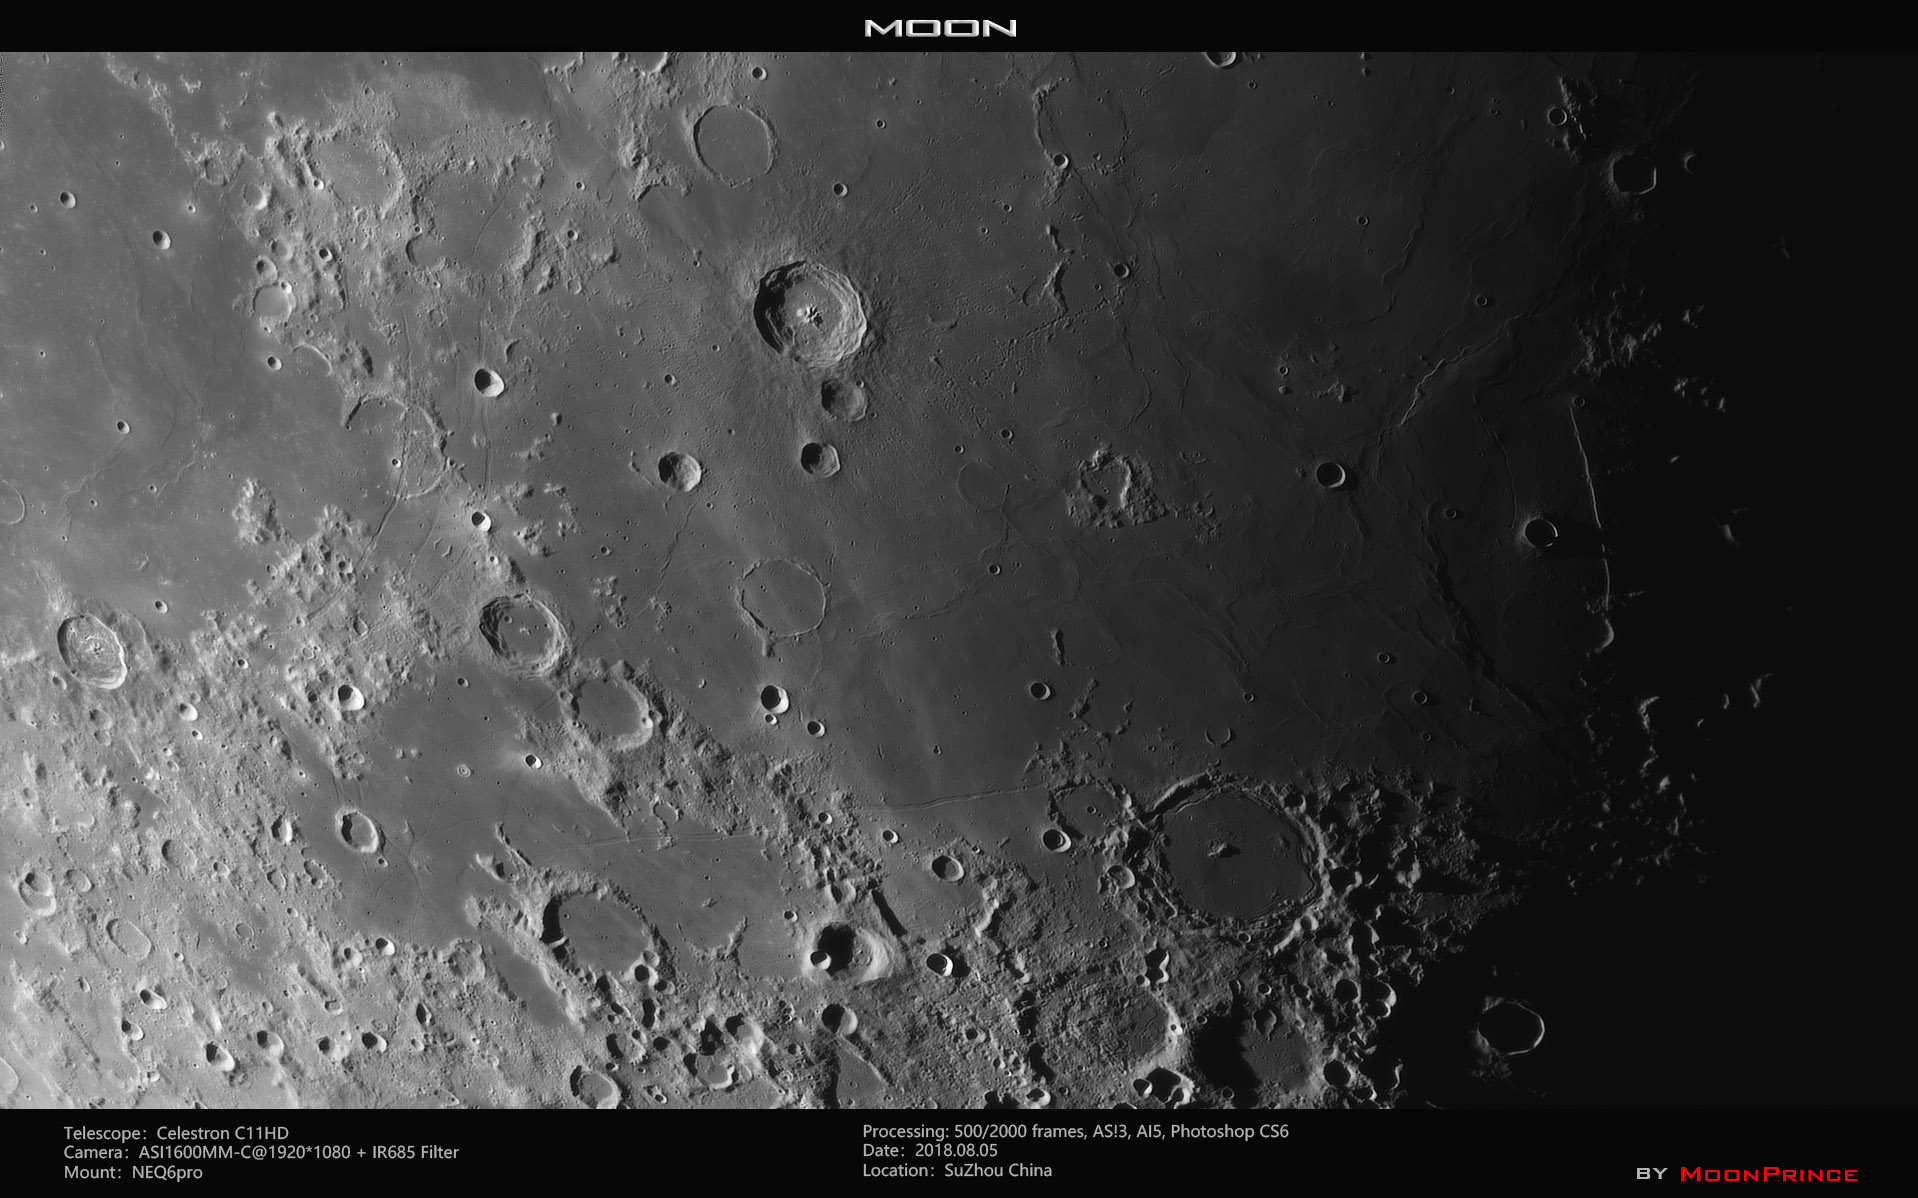 Moon20180805-2.jpg